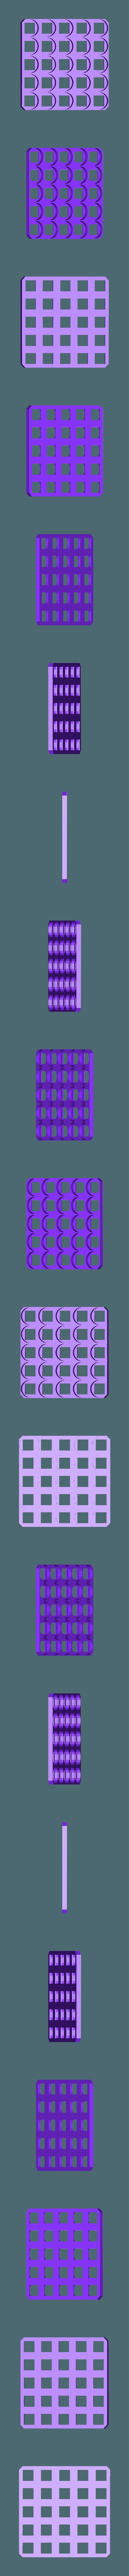 5x5.stl Télécharger fichier STL gratuit 18650 Porte-piles (5x5/4x4/3x3/2x2/1x1) • Plan à imprimer en 3D, tylerebowers